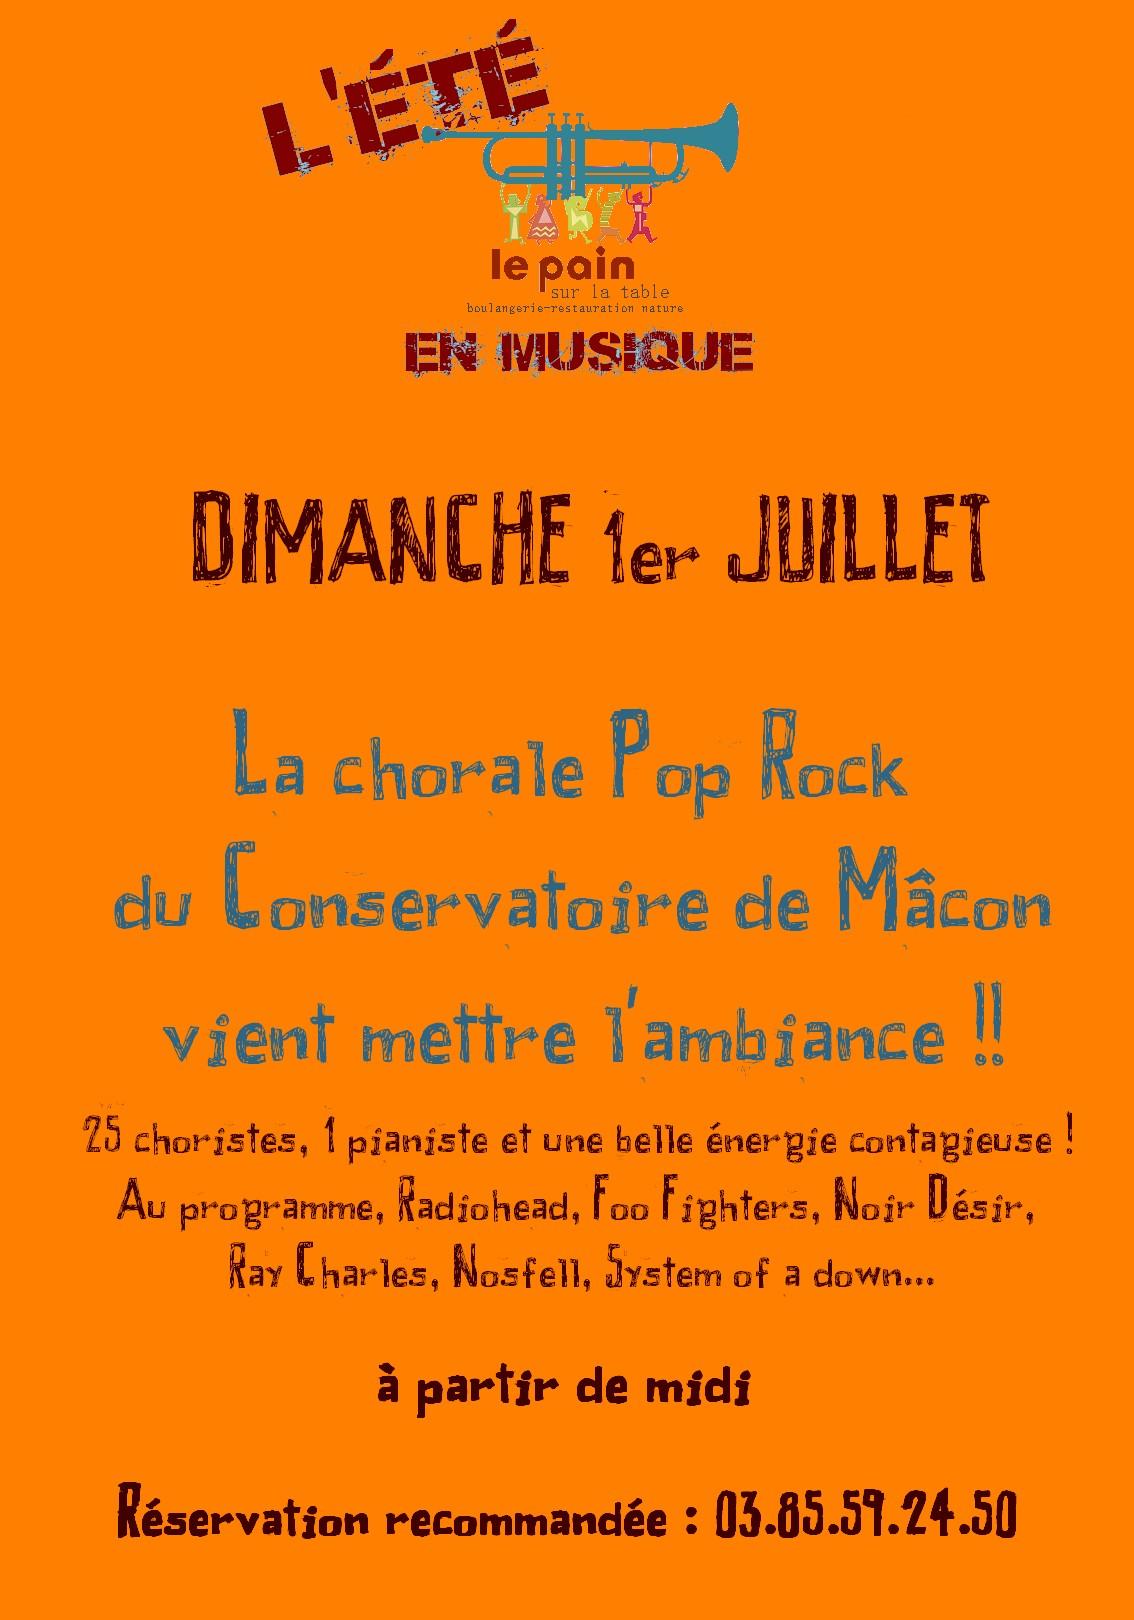 Le conservatoire de Mâcon en Concert dimanche 1er juillet